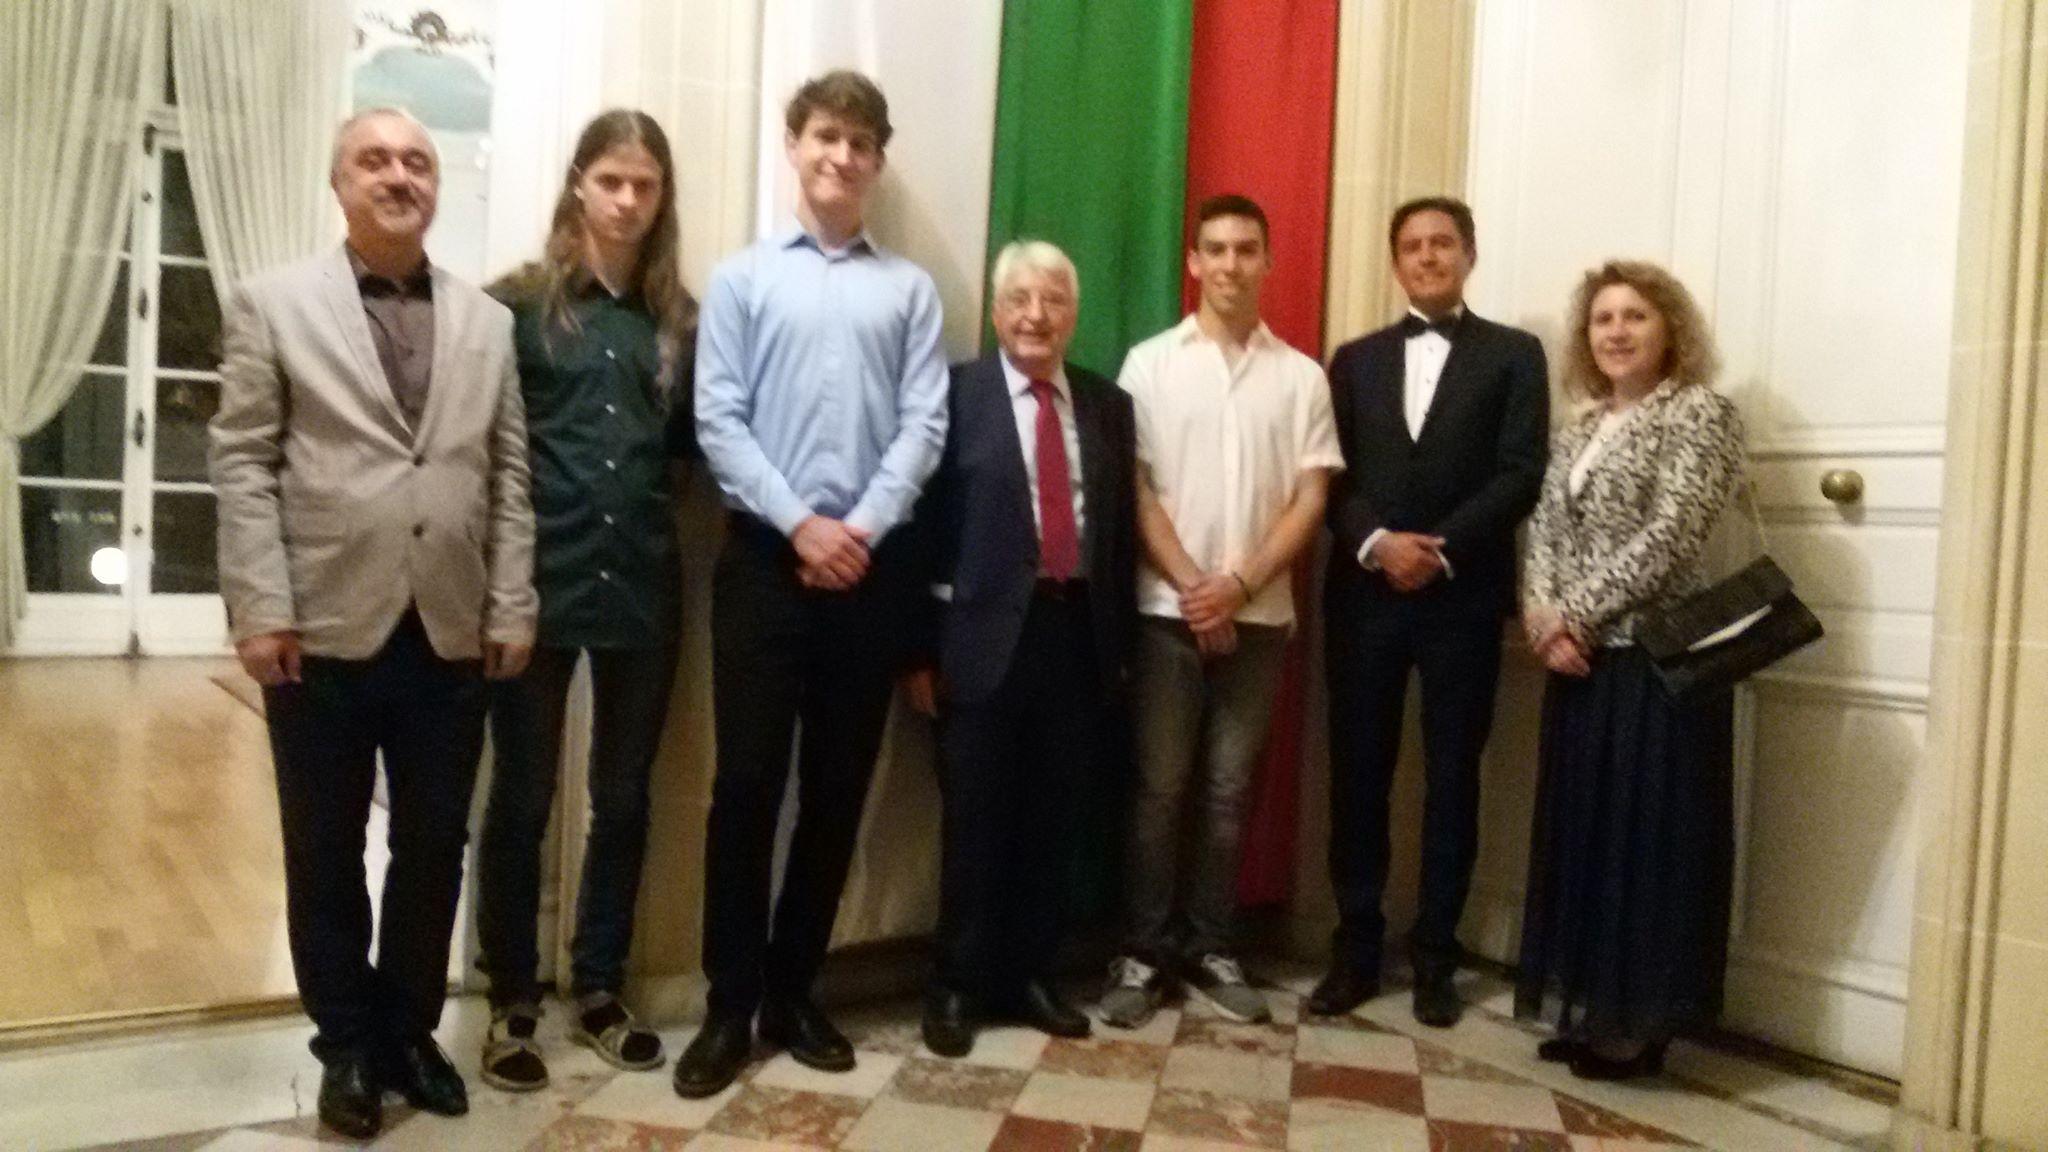 Проф. Минко Балкански лично награди българските ученици спечелили конкурсите по математика и физика